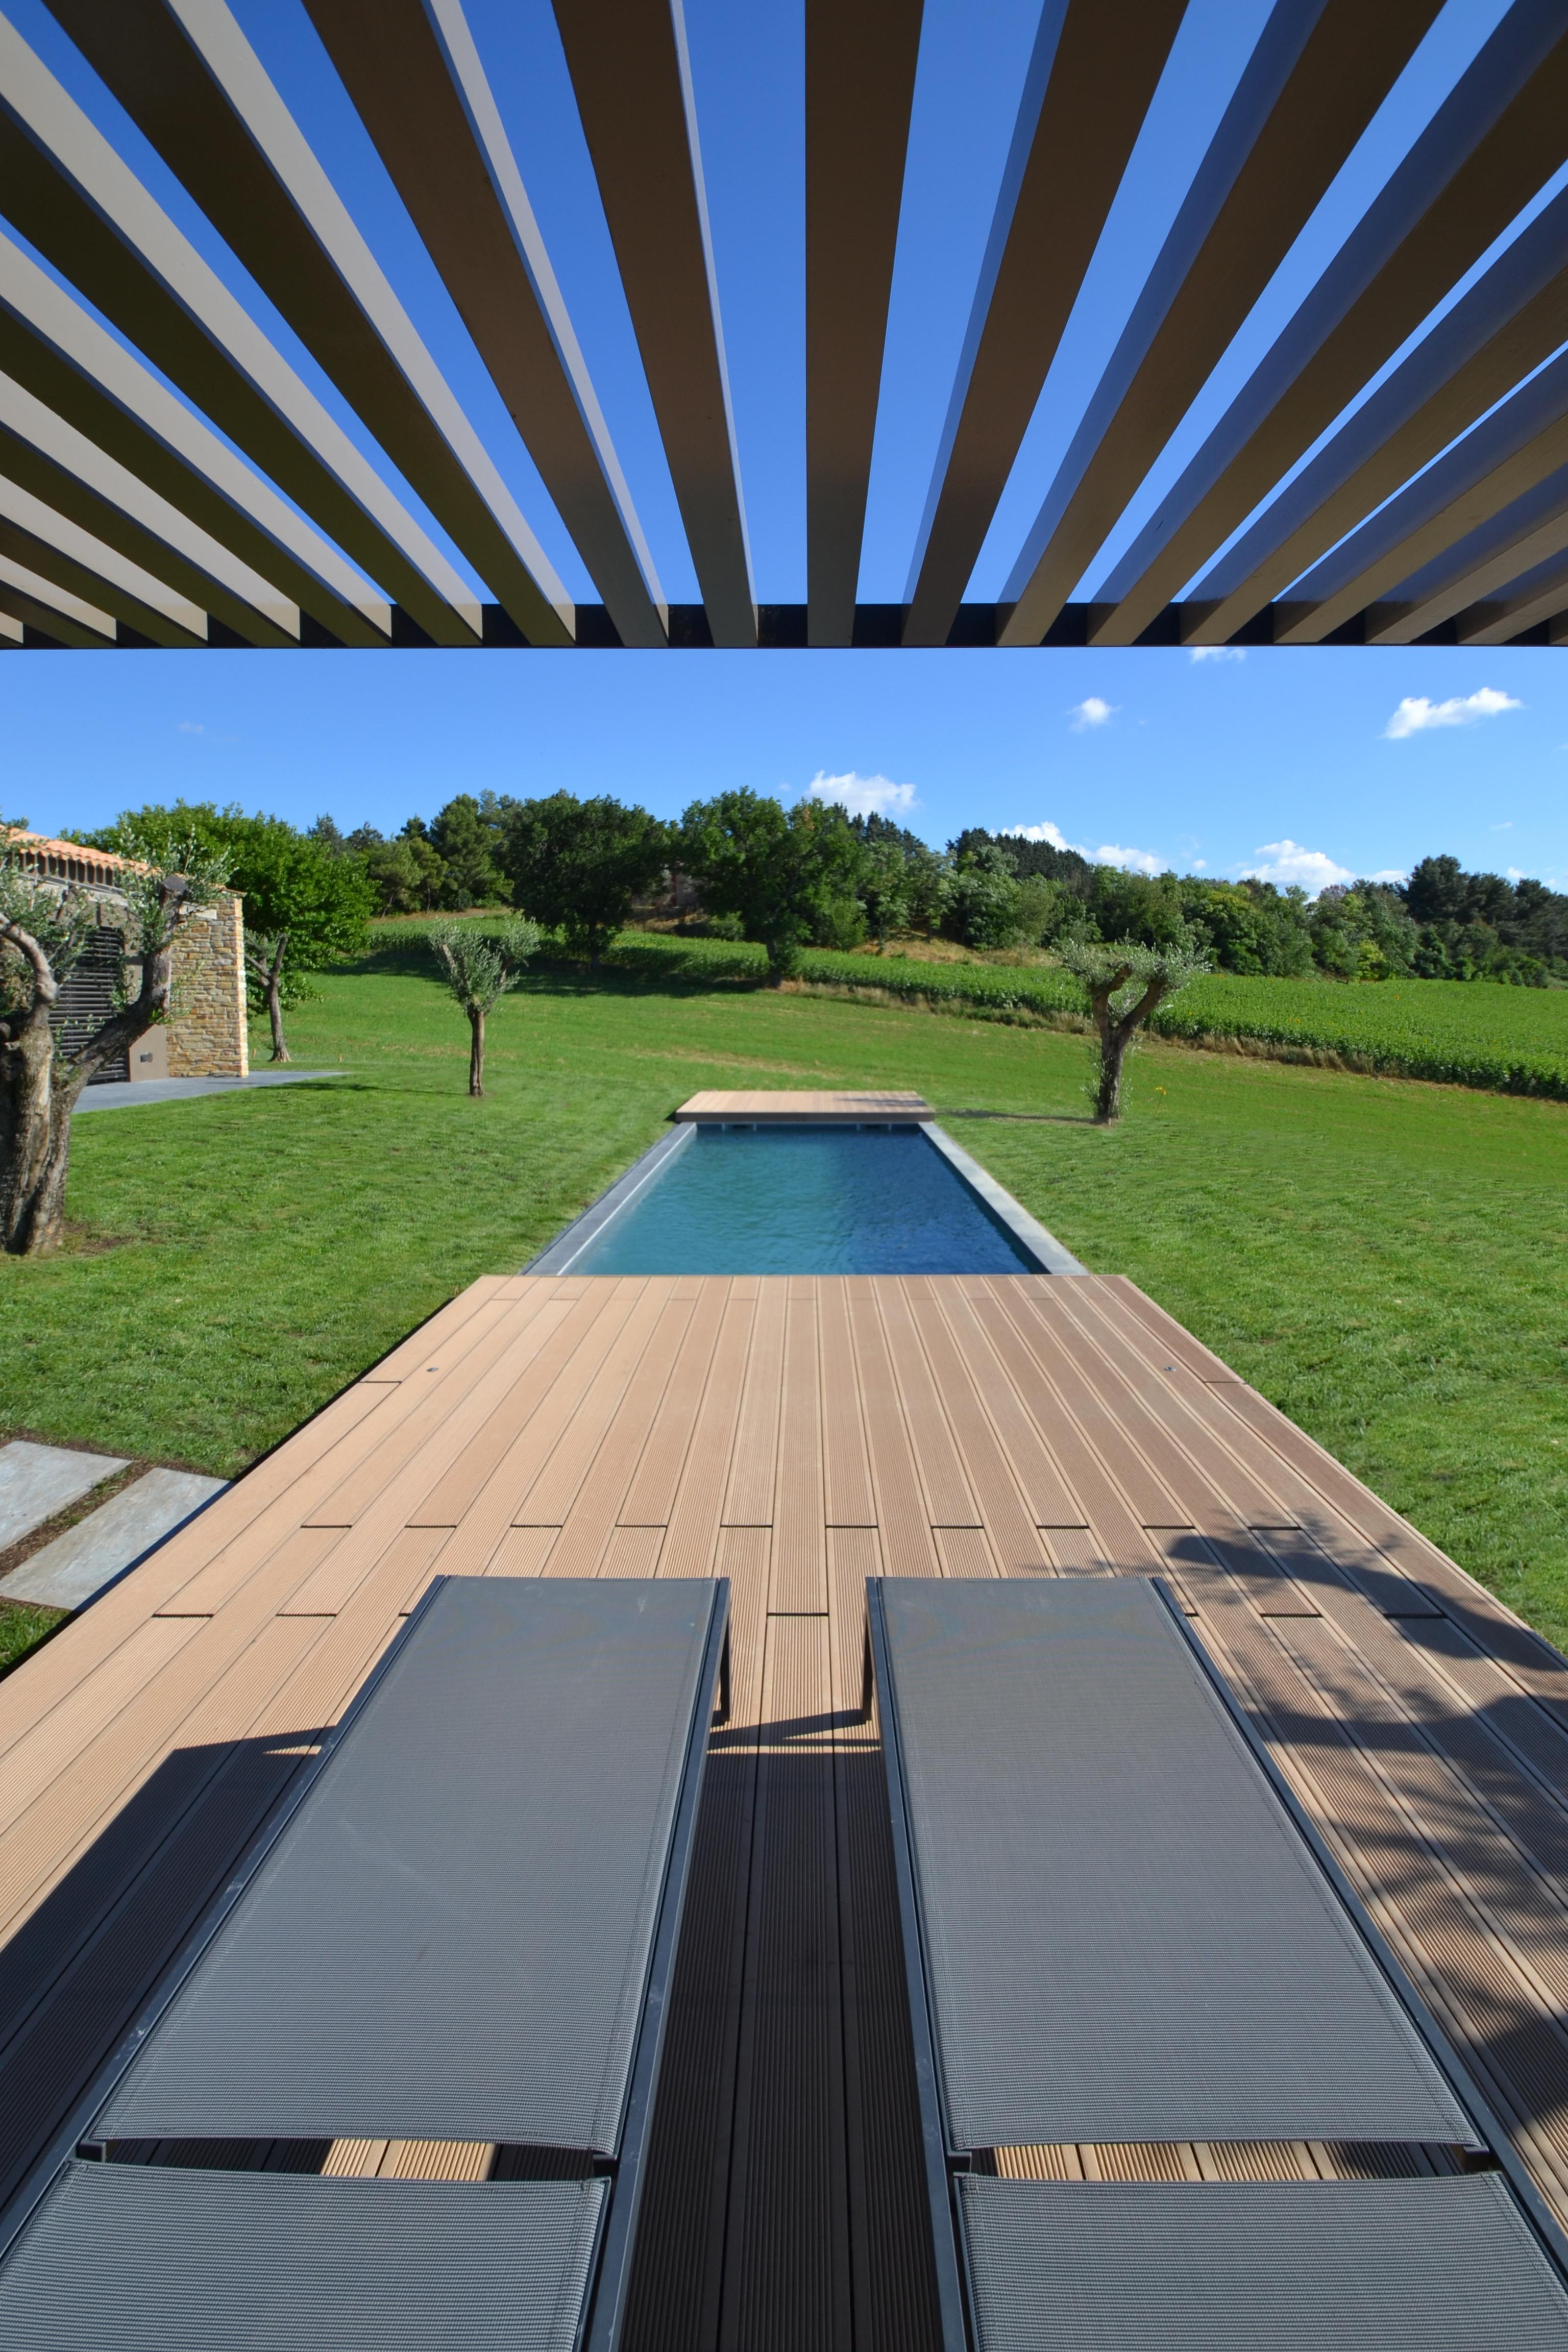 casa HR. Il decking esterno. Uno spazio dinamico: la pedana retrattile sulla piscina.